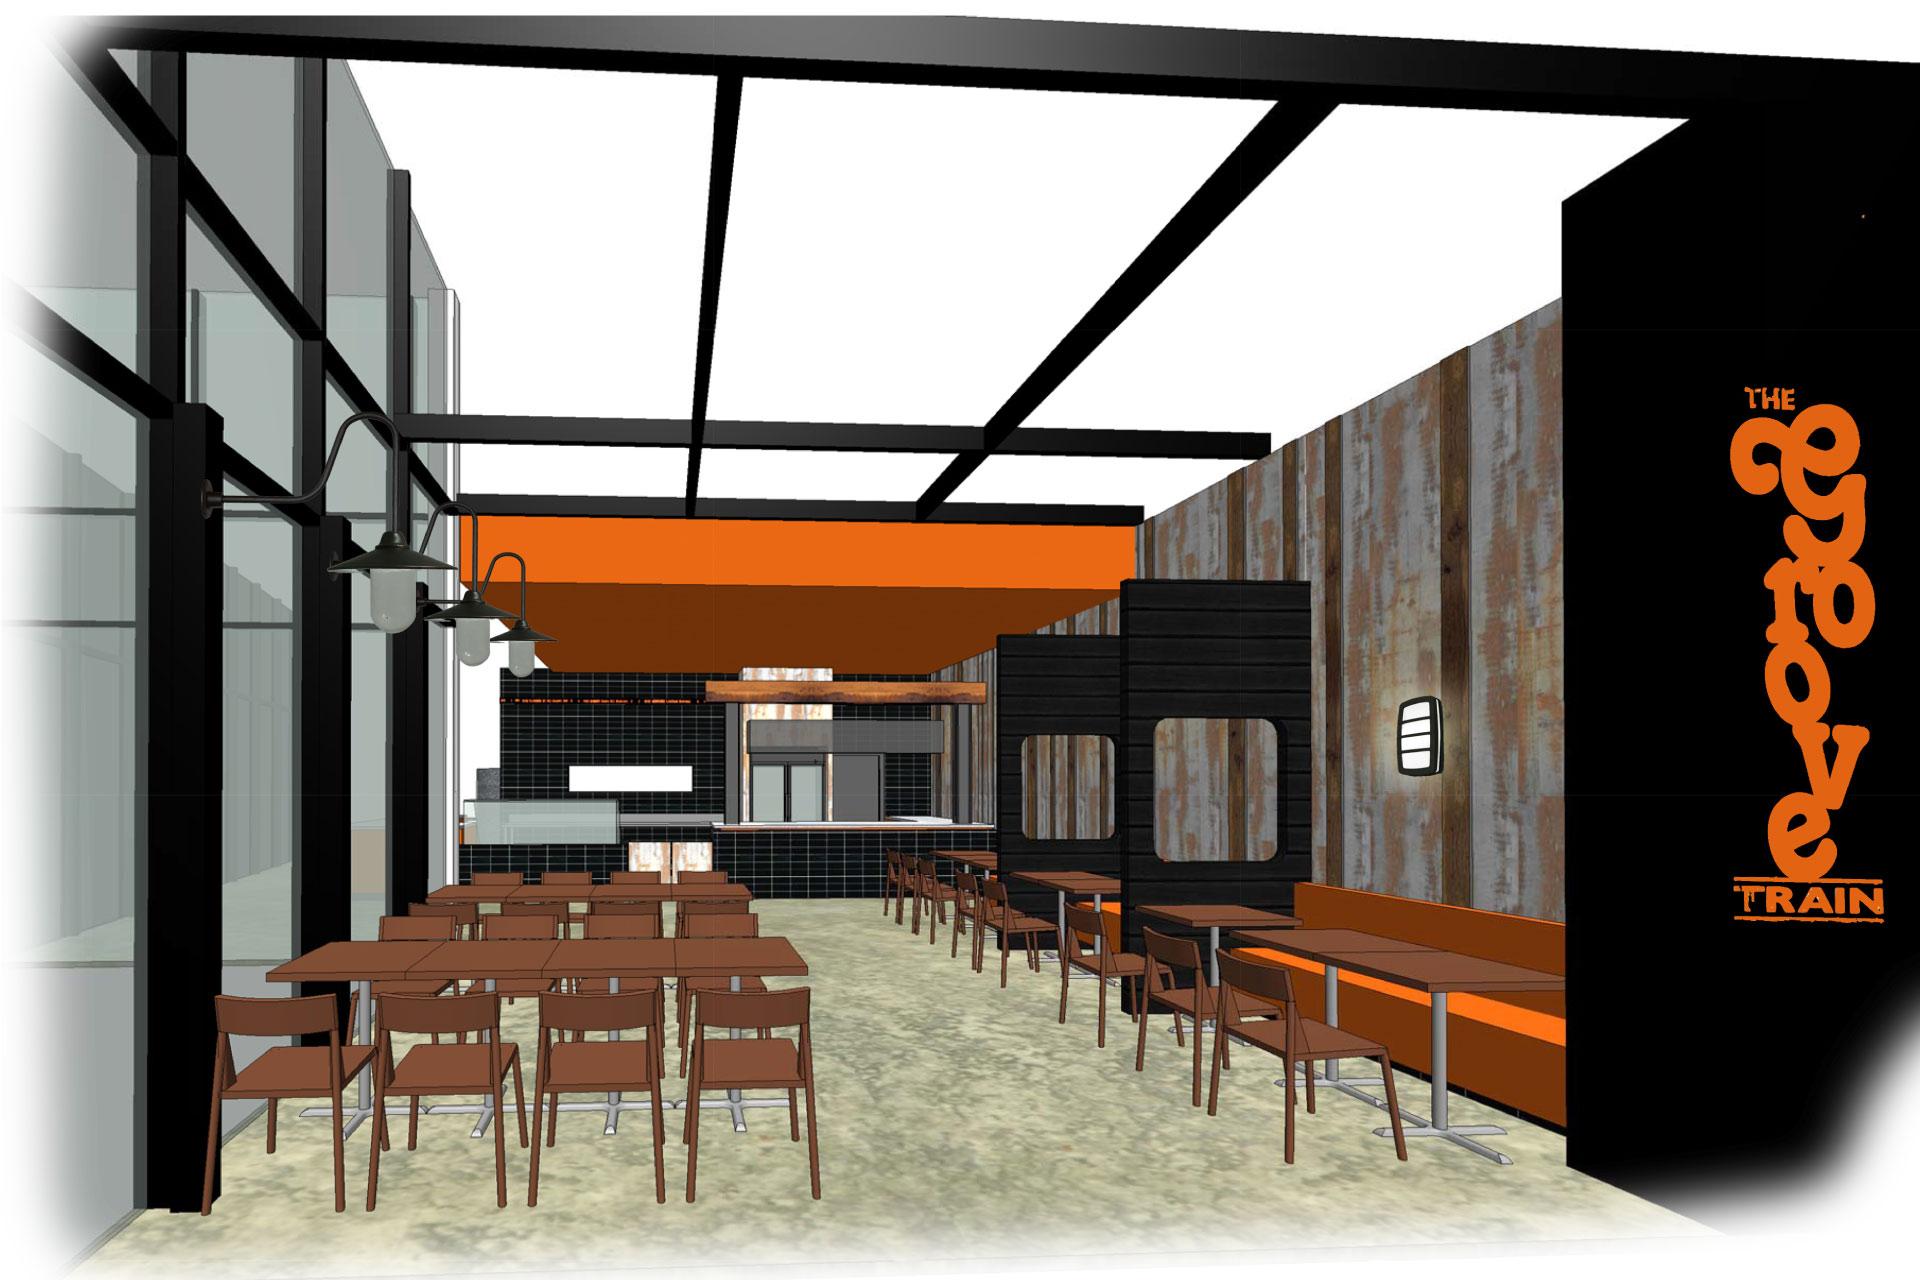 Corso Interior Architecture - Groove Train